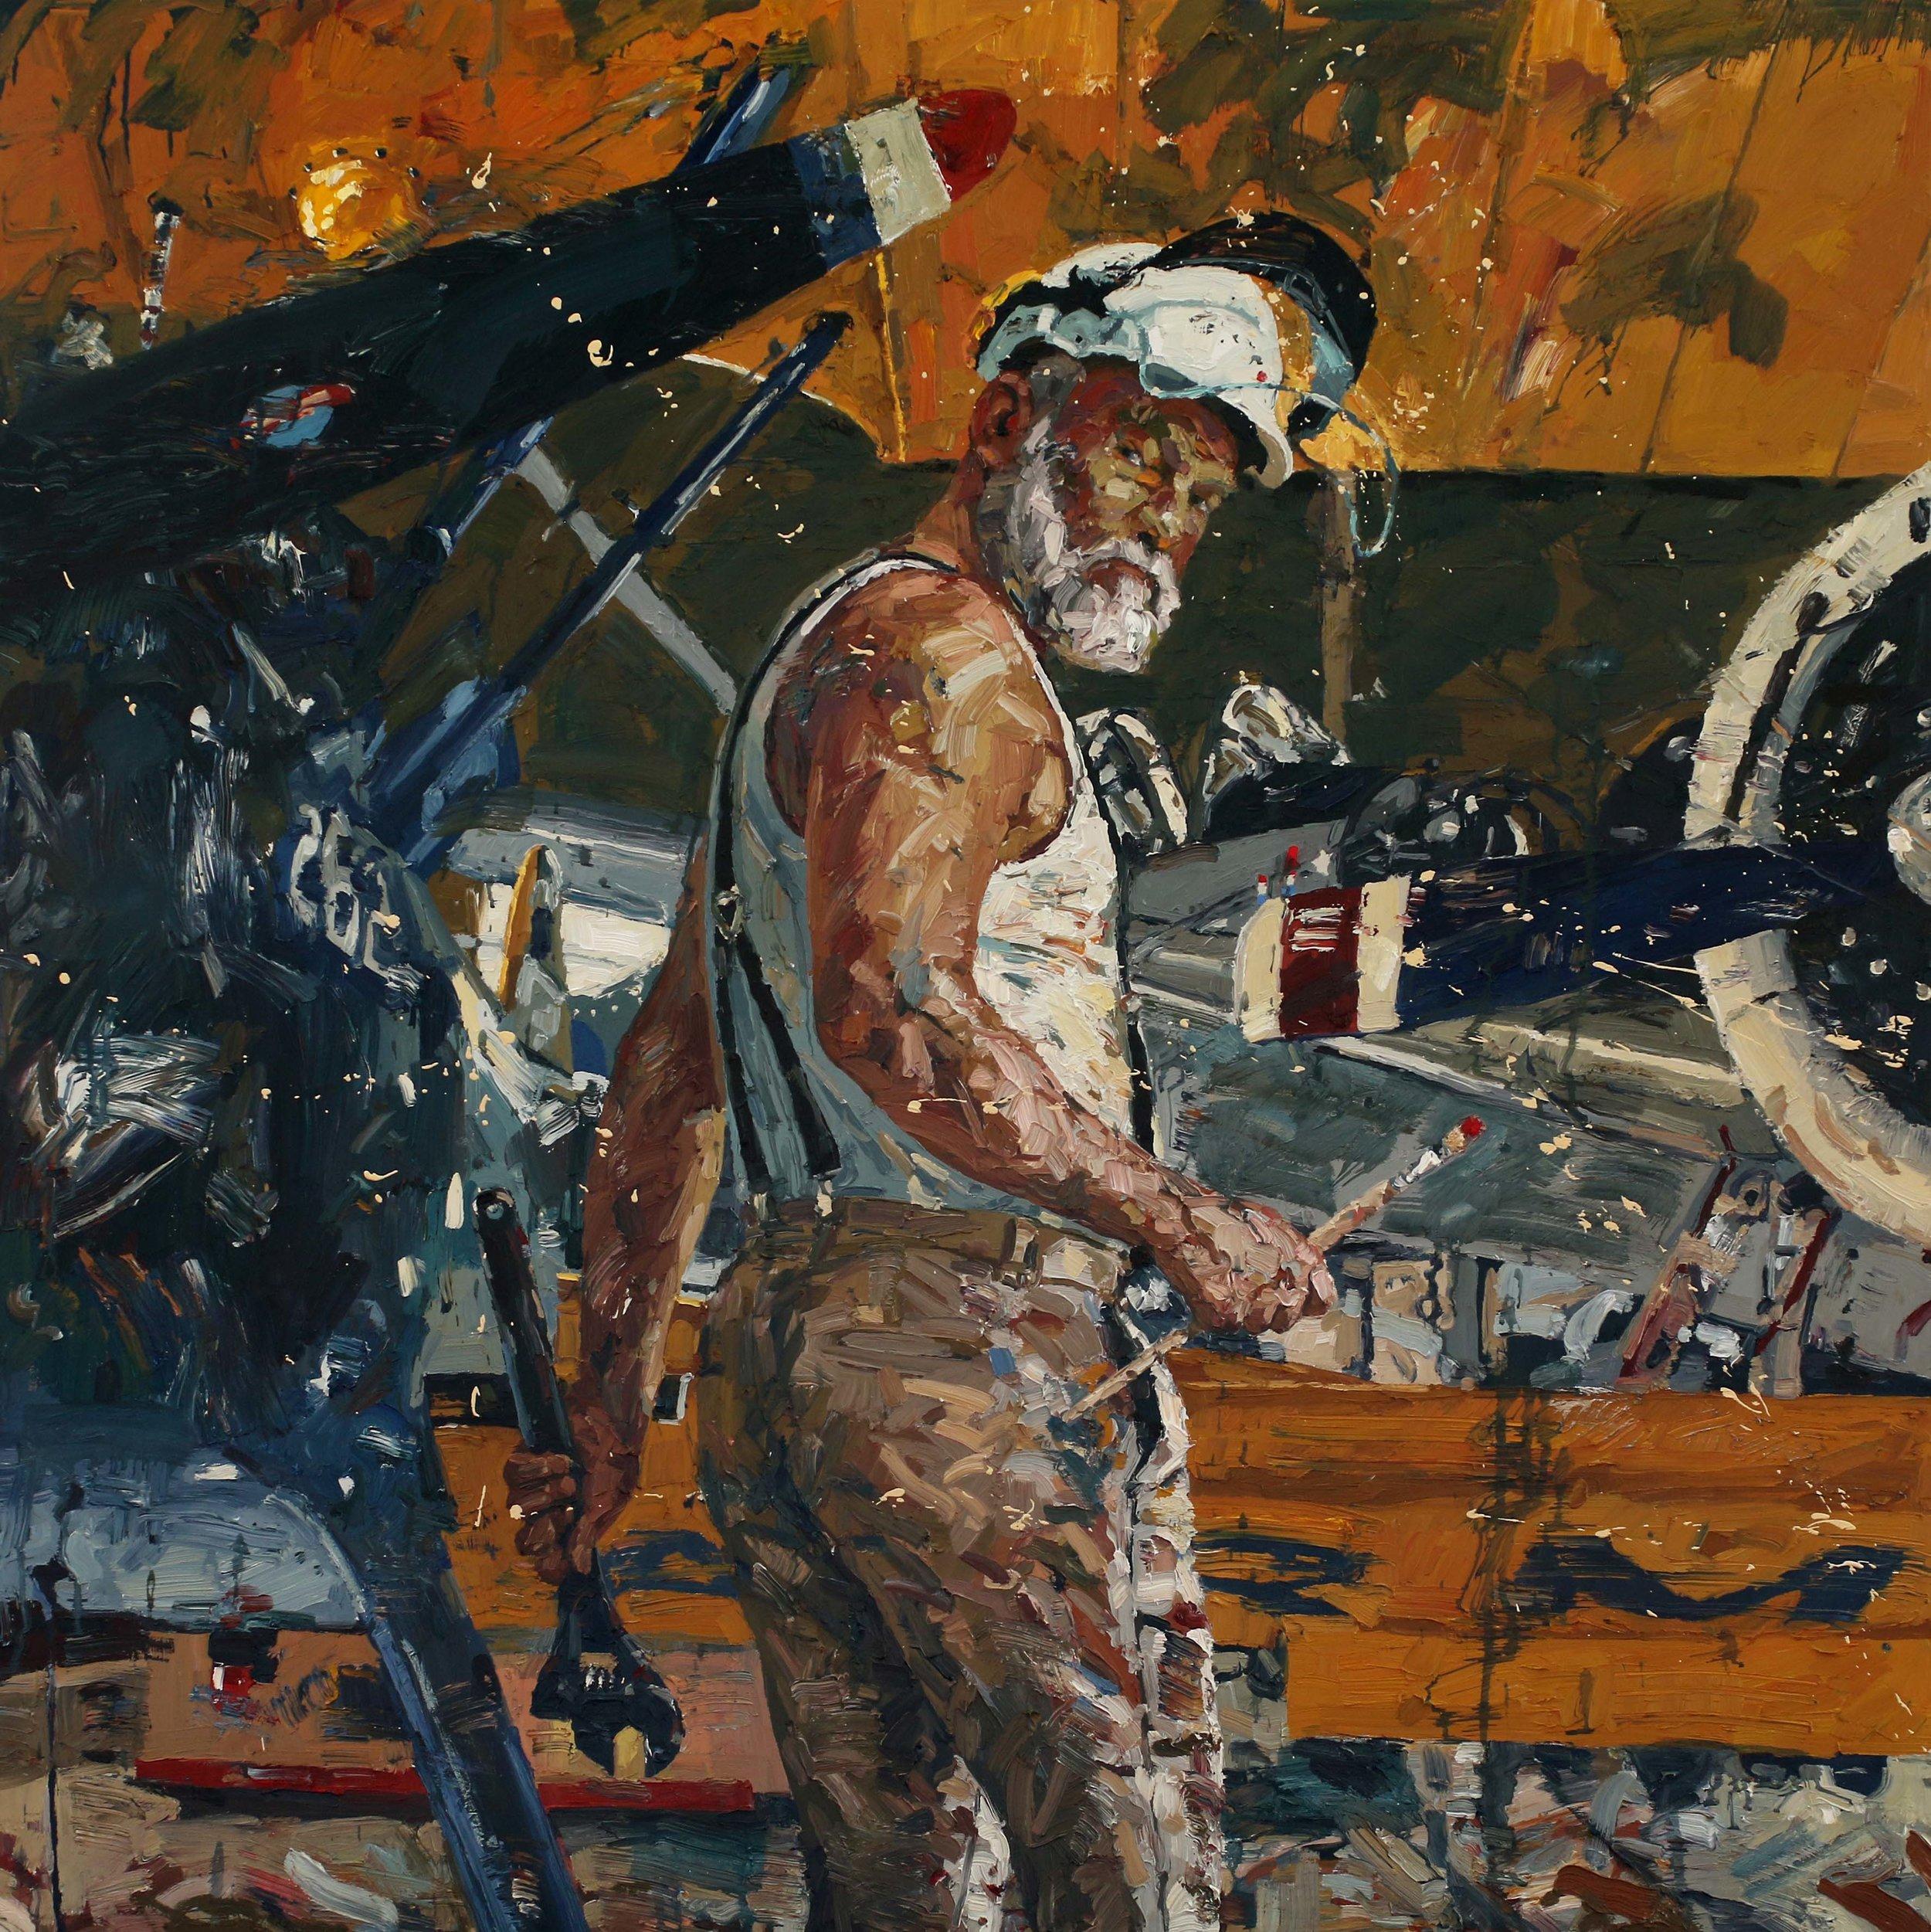 Selvportrett med pensel og skiftenøkkel – 150x150 cm. Eggoljetempera på lerret. – Vises i Galleri A, Oslo, fra 5. september